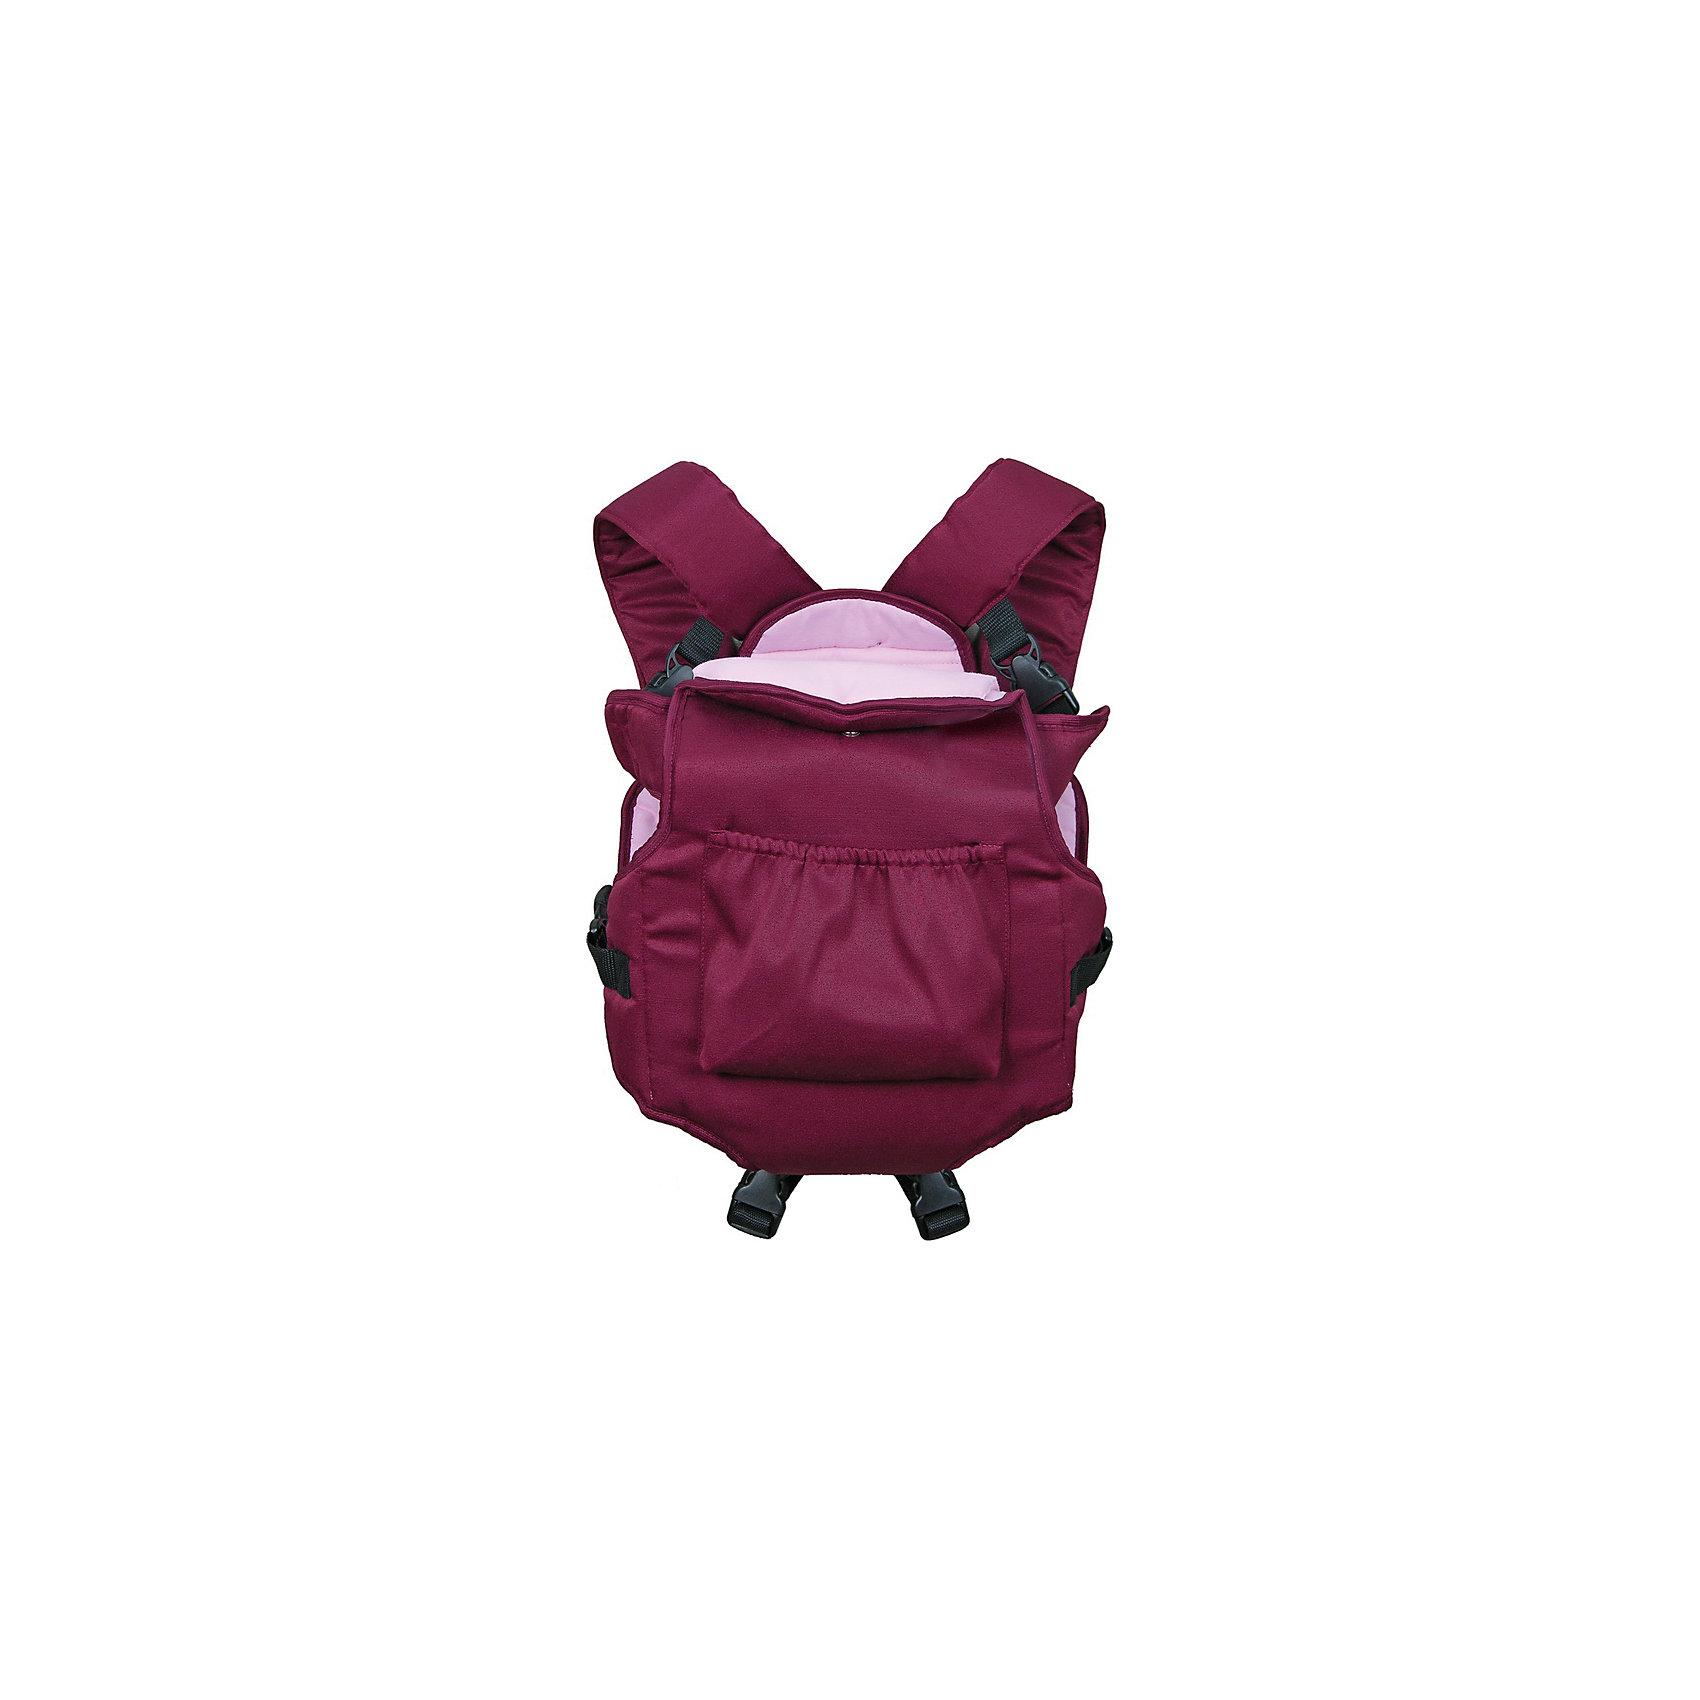 Рюкзак кенгуру Хлопок, Фея, бордоСлинги и рюкзаки-переноски<br>Характеристики товара:<br><br>• возраст с рождения;<br>• материал: хлопок;<br>• размер рюкзака 44х40х38 см;<br>• возможность переносить лицом к маме и наоборот<br>• твёрдая спинка<br>• широкий подголовник<br>• широкие плечевые лямки<br>• вес 550 гр.;<br>• страна производитель: Россия.<br><br>Рюкзак-кенгуру Хлопок Фея бордовый — удобный аксессуар для переноски малыша на прогулке, который позволяет маме дополнительно освободить руки. Малыша в рюкзаке можно переносить как лицом к маме, так и наоборот. Твердая спинка поддерживает позвоночник в правильном положении. <br><br>Широкий подголовник поддерживает головку малыша, обеспечивая ему комфортное положение. Широкие плечевые лямки распределяют равномерно вес и снижают нагрузку на поясницу мамы. Рюкзак выполнен из натурального хлопка, безвредного для малыша.<br><br>Рюкзак-кенгуру Хлопок Фея бордовый можно приобрести в нашем интернет-магазине.<br><br>Ширина мм: 440<br>Глубина мм: 380<br>Высота мм: 400<br>Вес г: 550<br>Возраст от месяцев: 0<br>Возраст до месяцев: 48<br>Пол: Женский<br>Возраст: Детский<br>SKU: 5610160